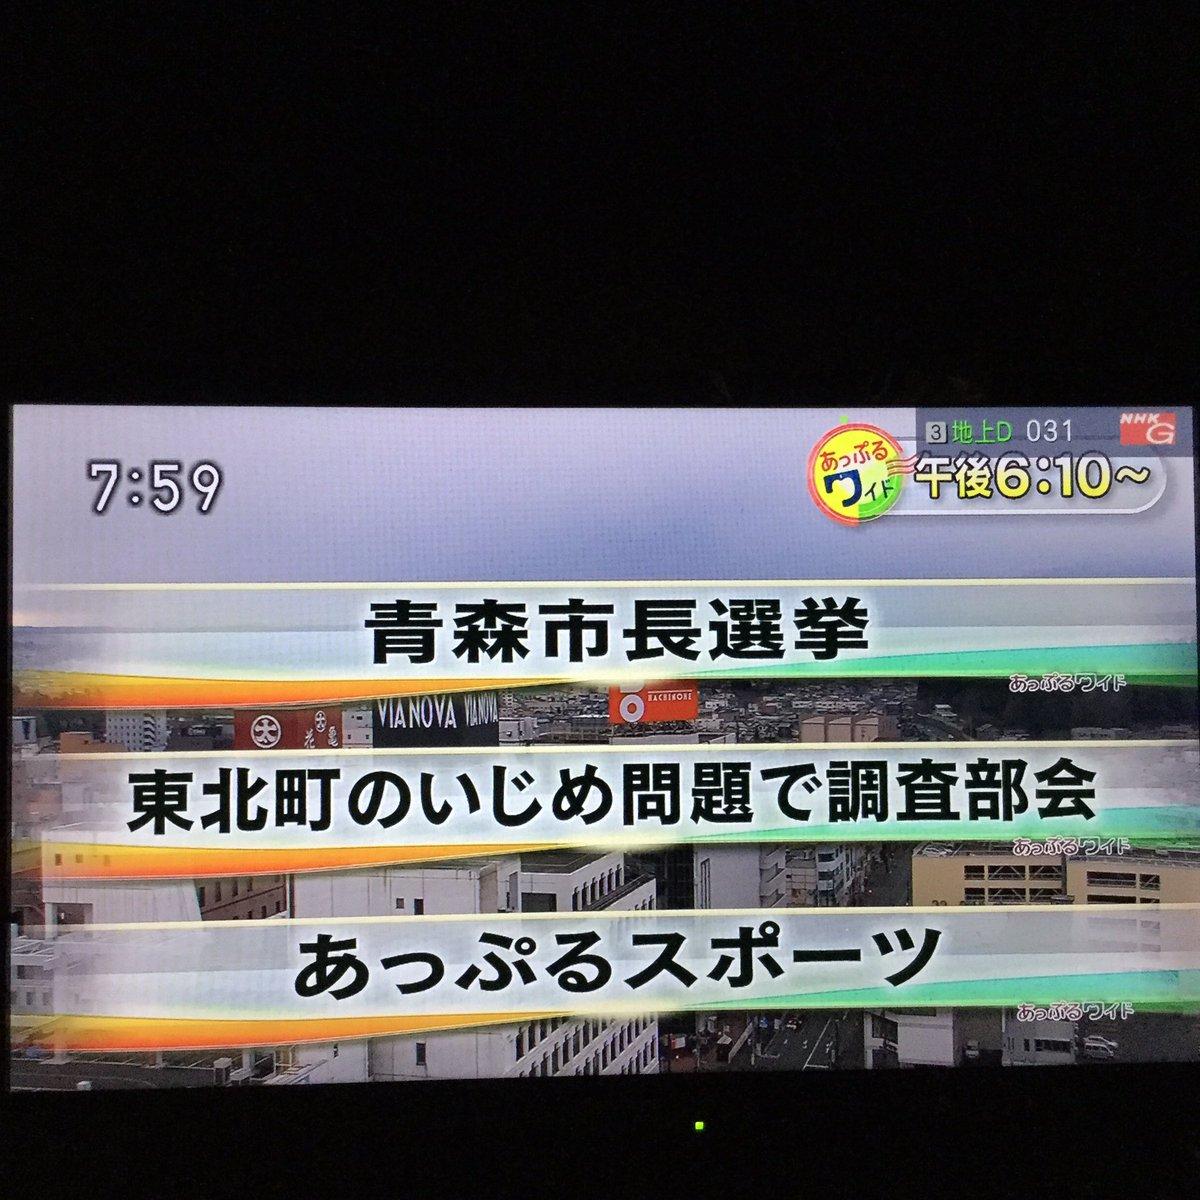 チーノ 八戸 映画